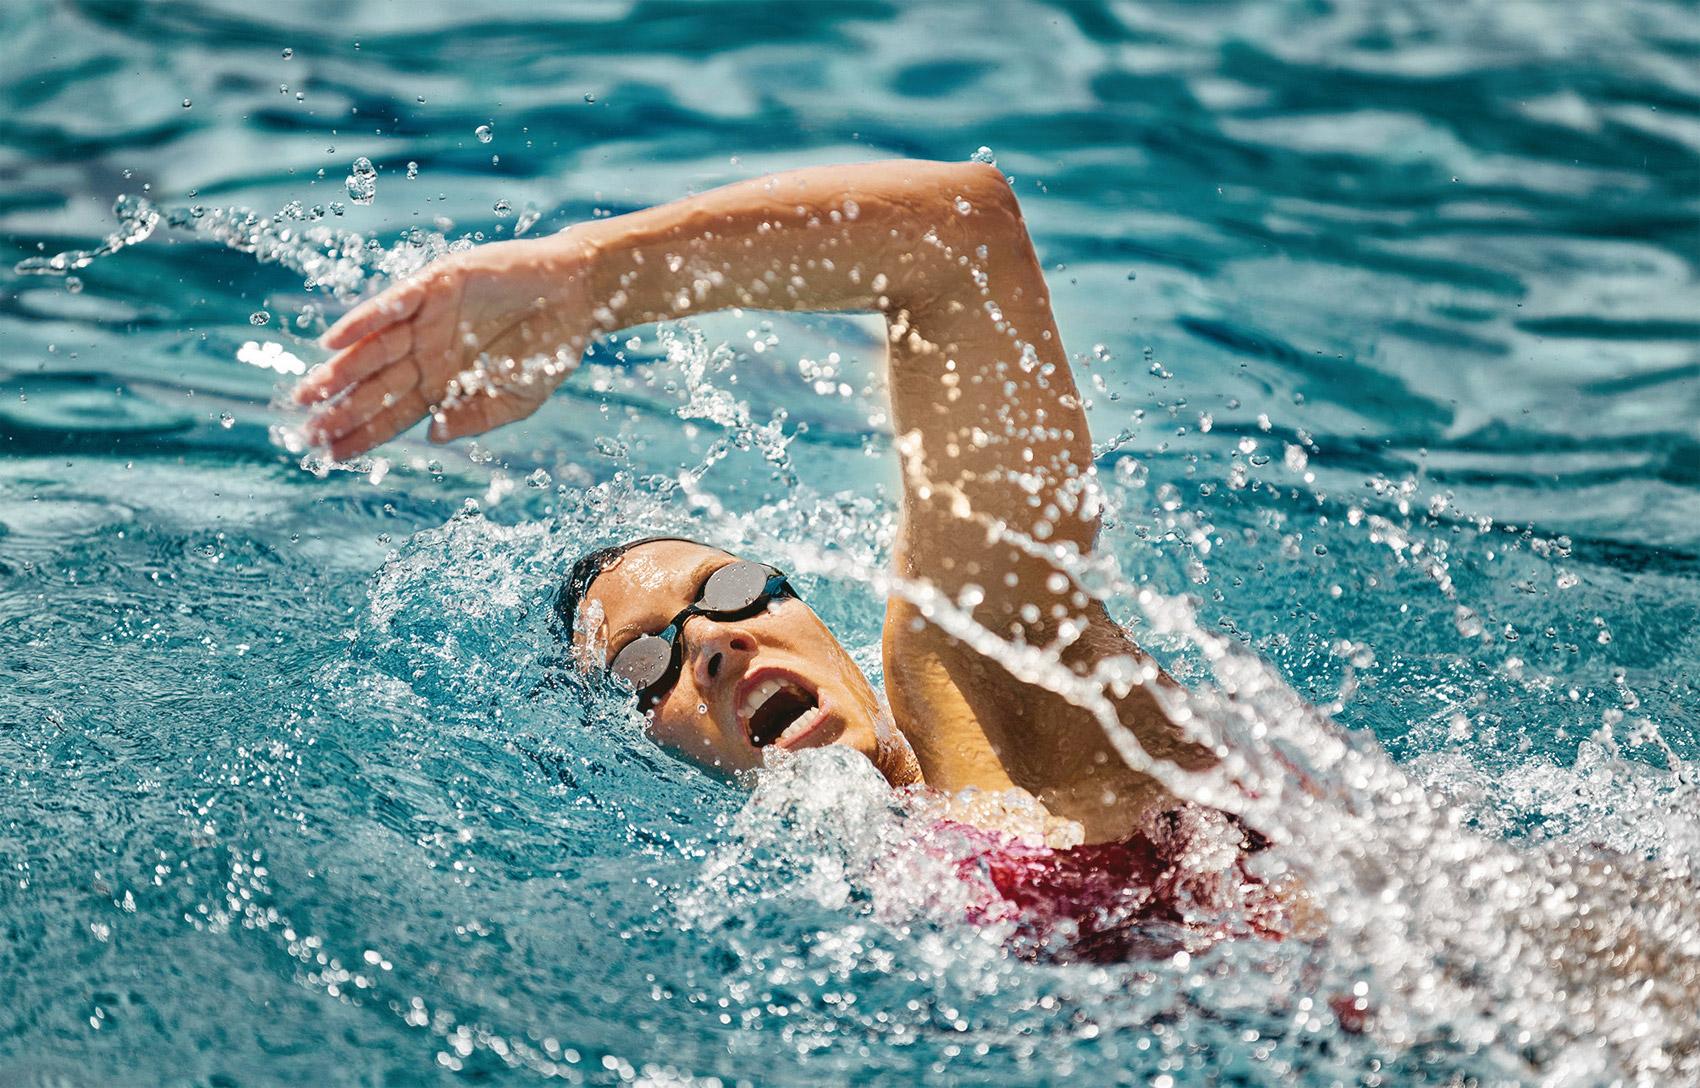 Nuoto le dritte per migliorare starbene - Piscina giussano nuoto libero ...